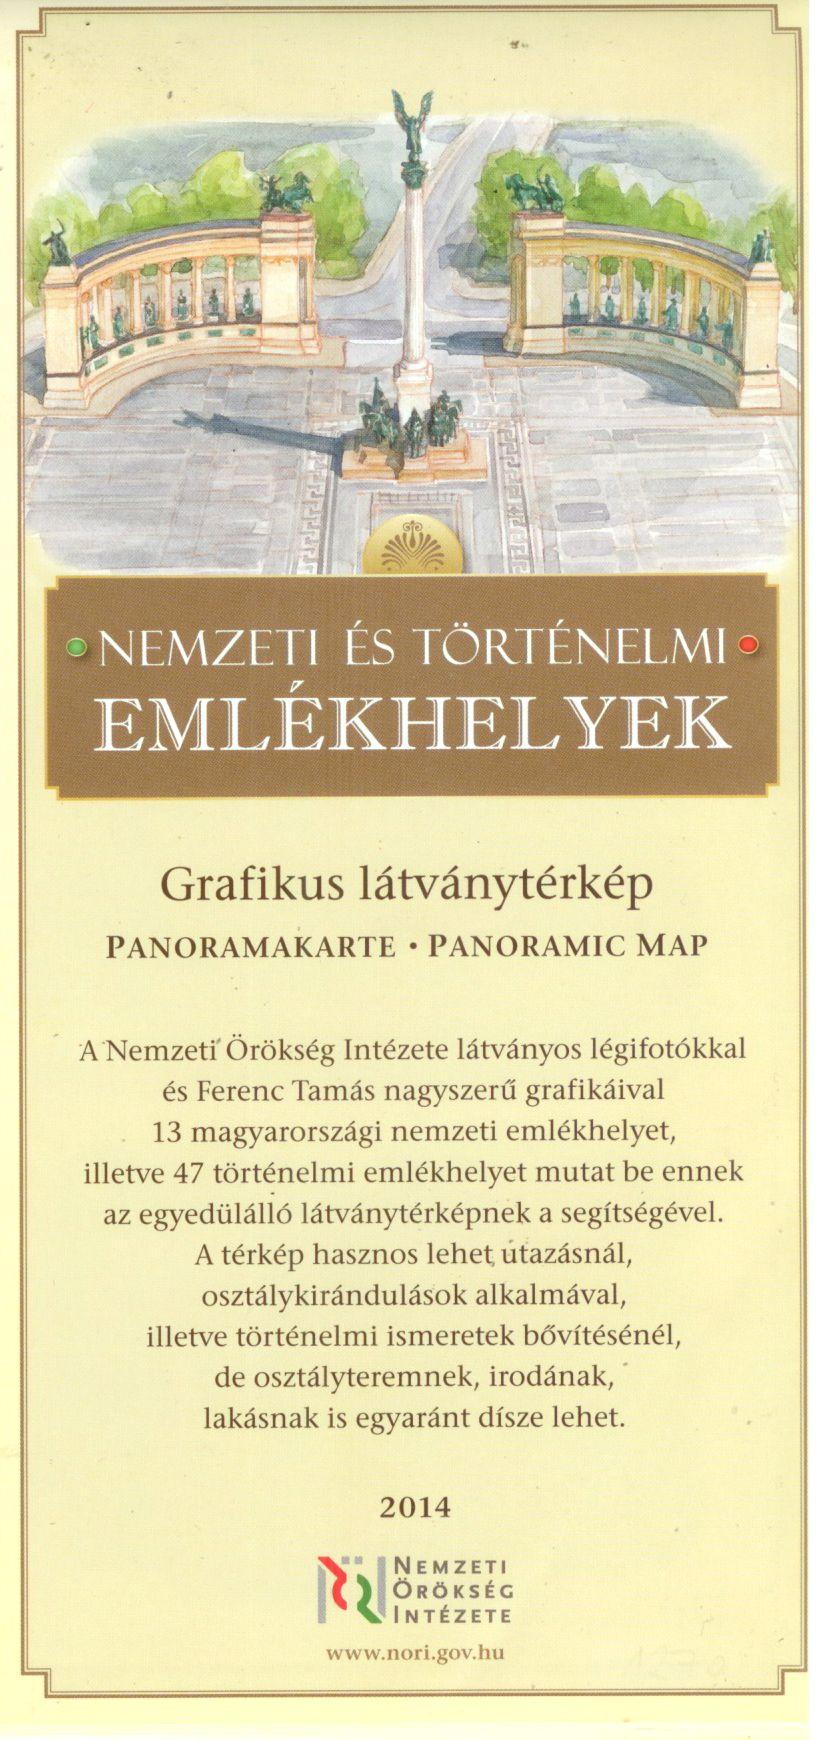 Nemzeti és történelmi emlékhelyek (grafikus látványtérkép) a jelenlegi állapot légifényképen, ill. festett panorámaképen